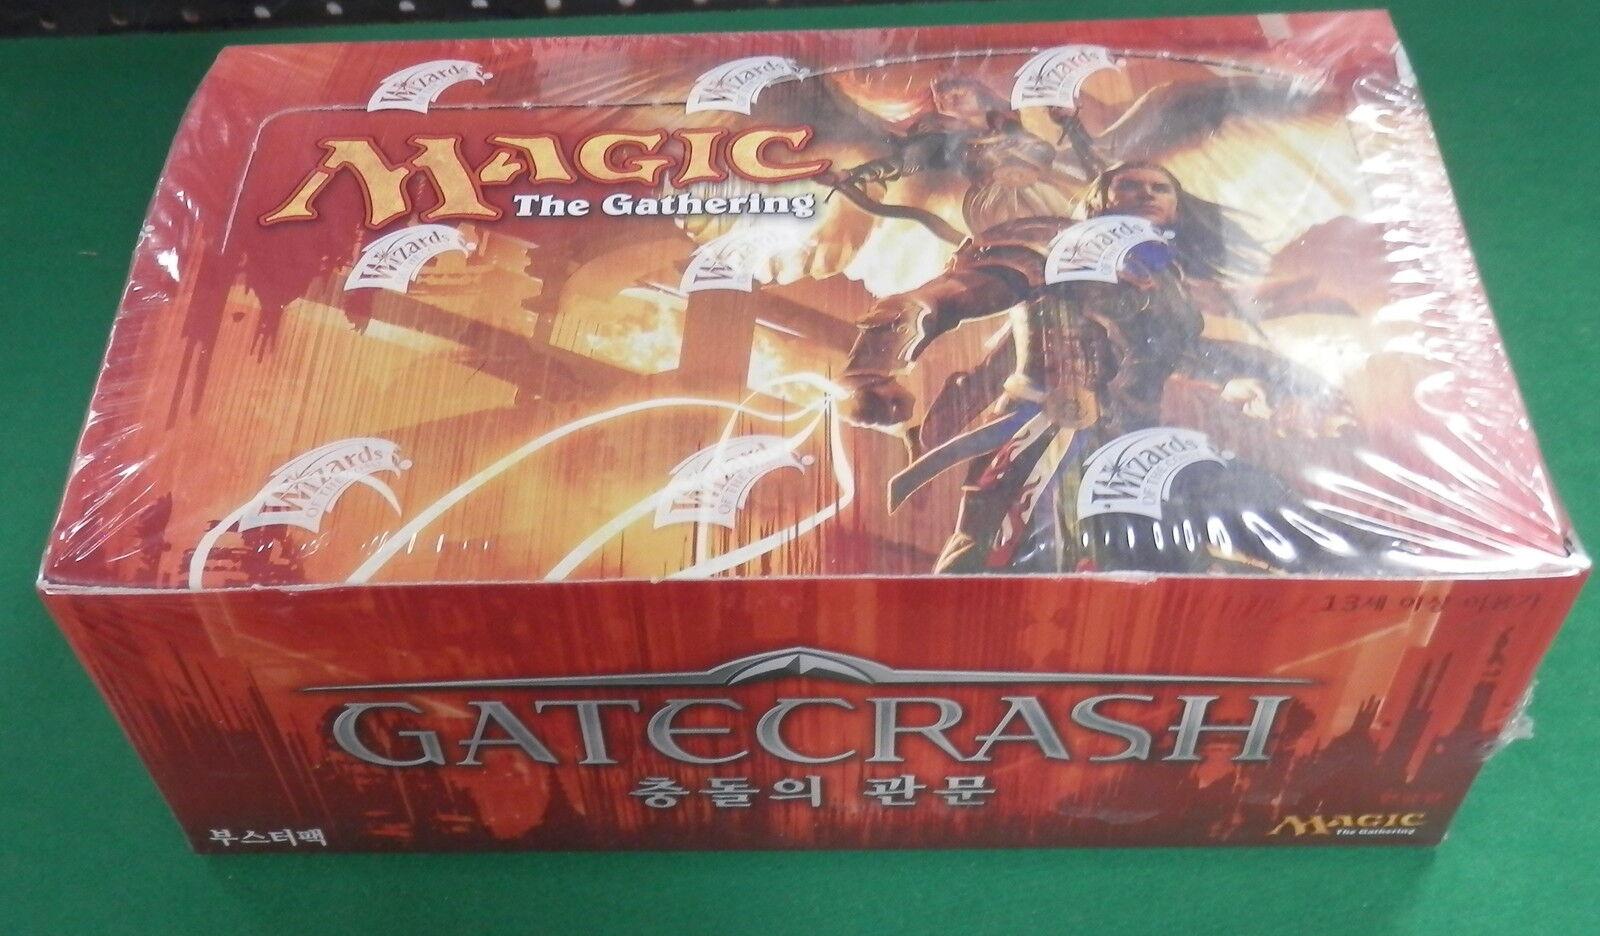 Magic the Gathering Gatecrash Booster Box Korean Language